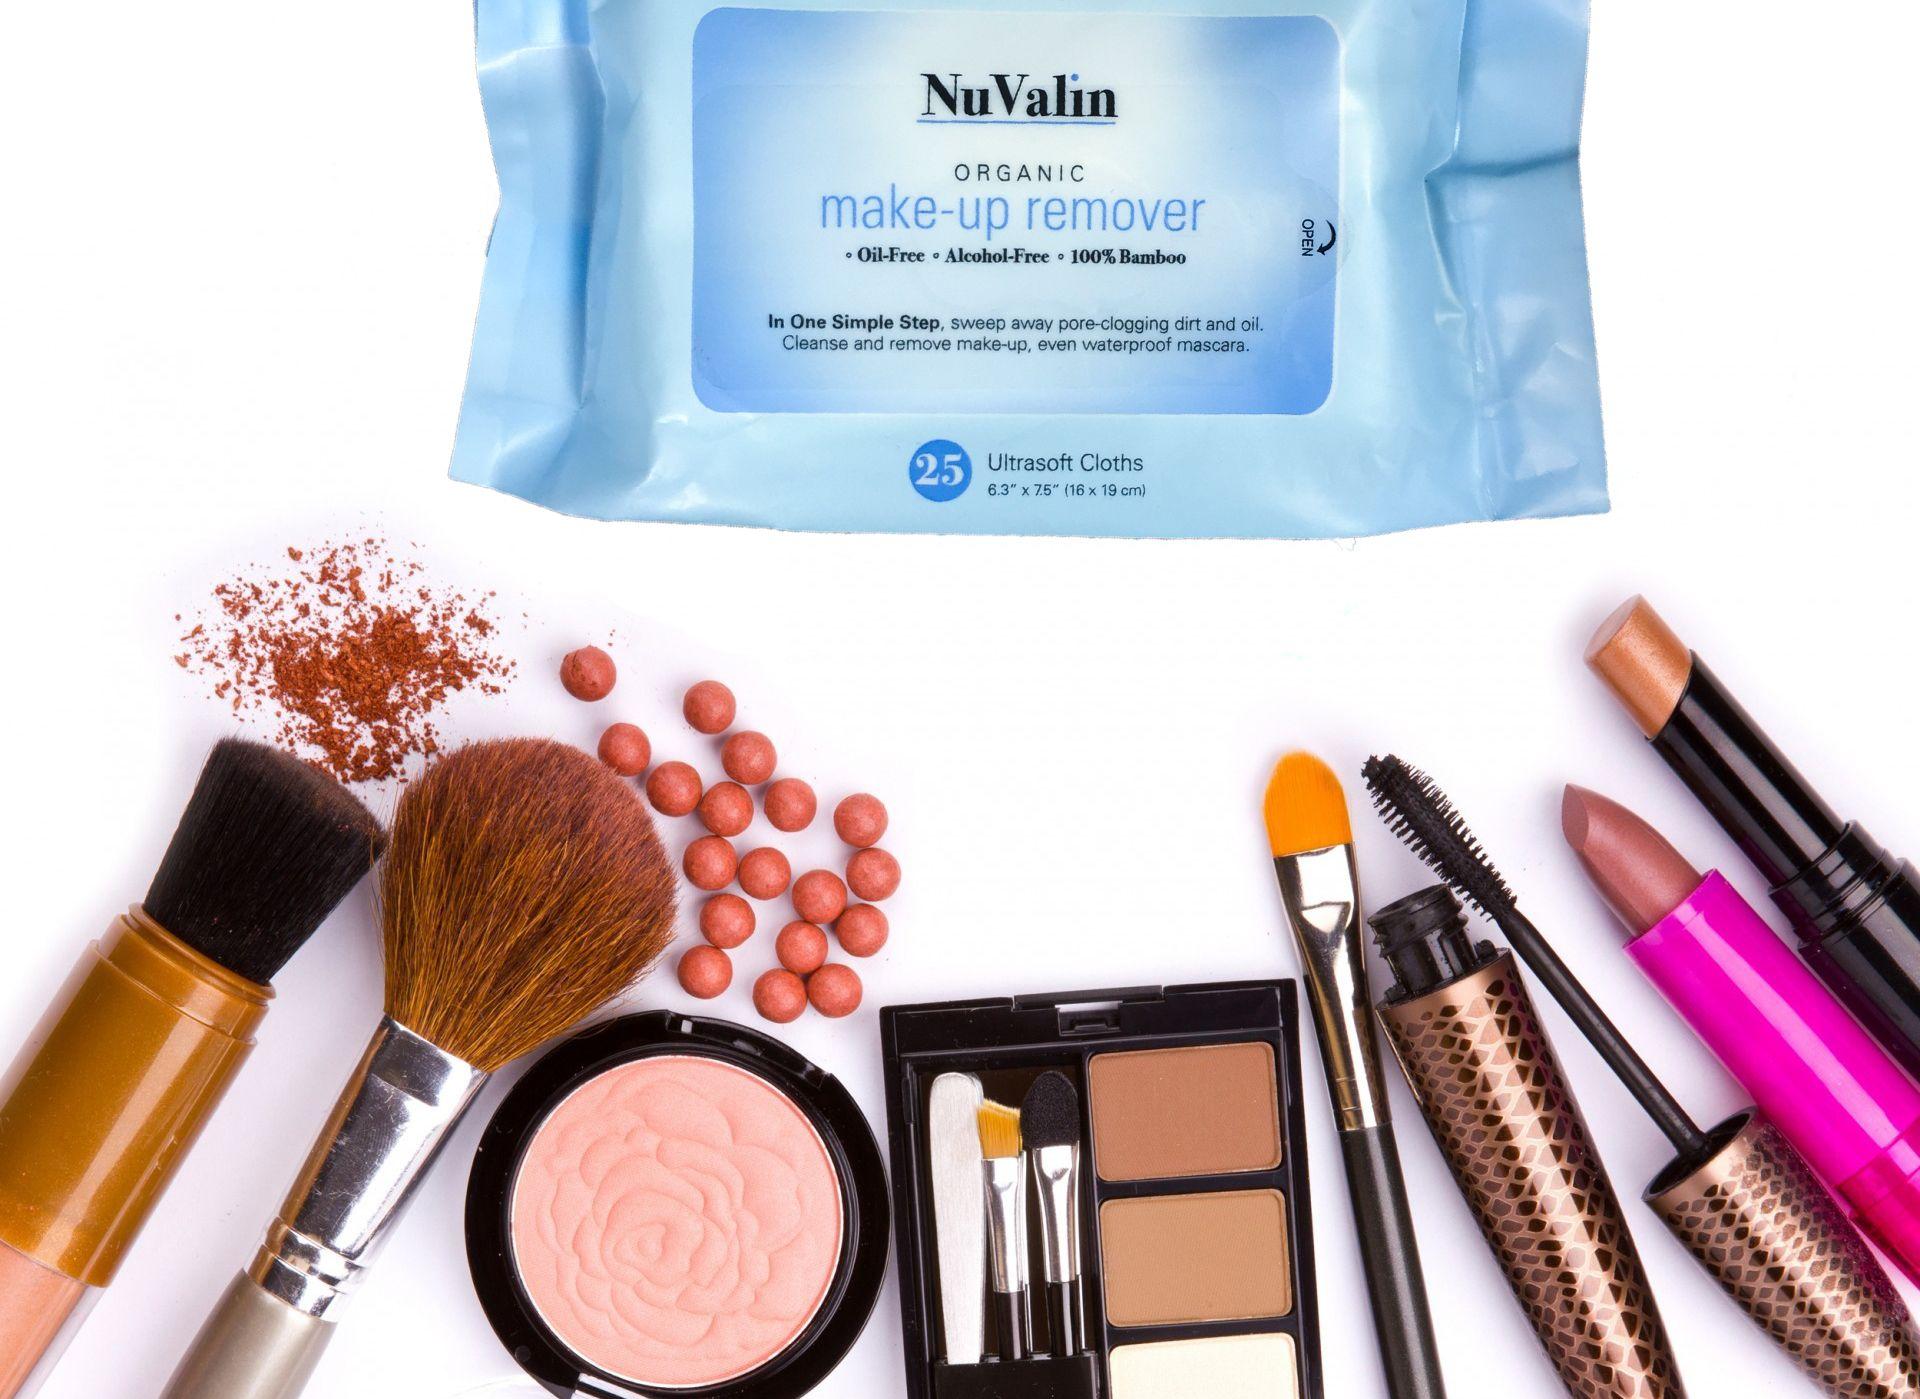 Organic Makeup Remover Wipes NuValin Organic makeup